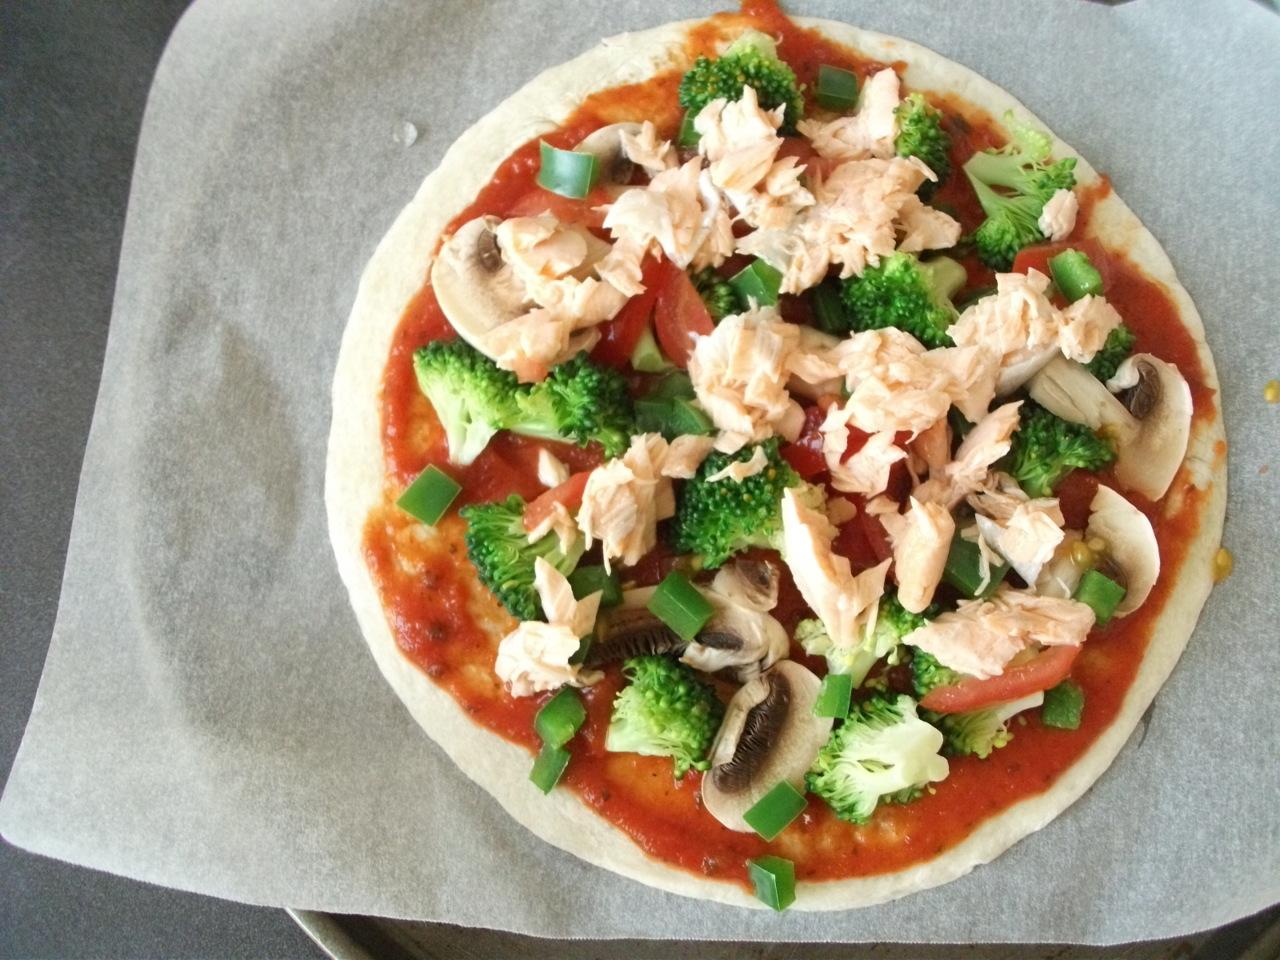 Homemade Salmon Tortilla Pizza